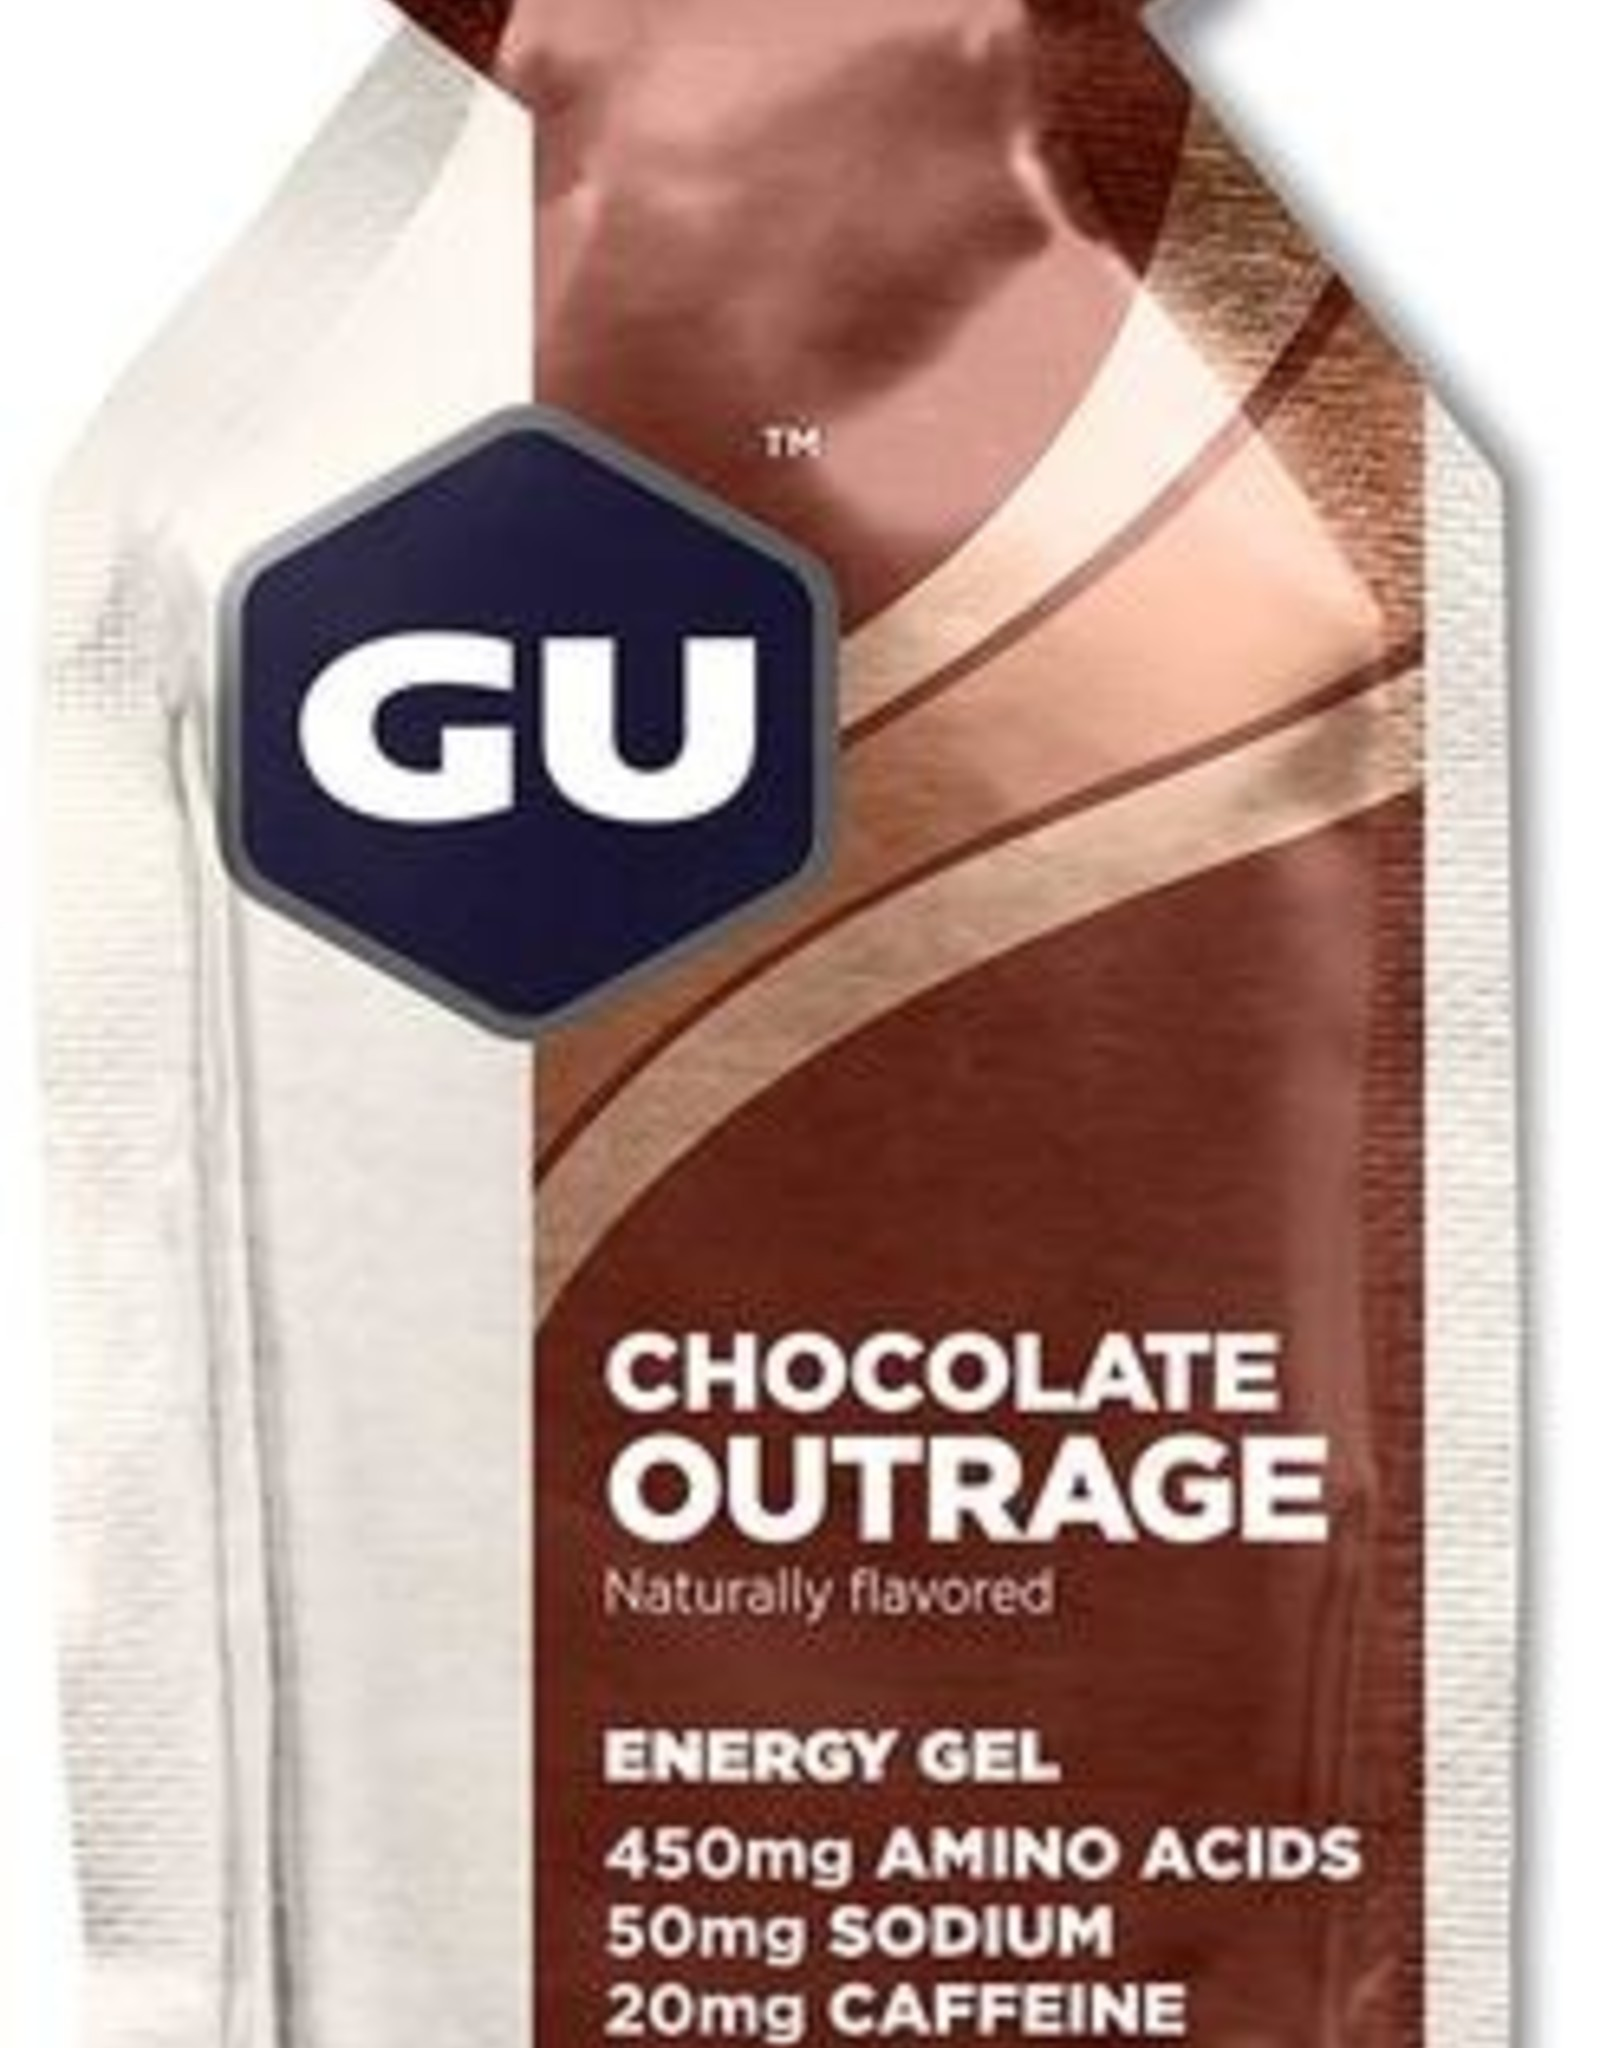 GU GU ENERGY GEL 32G per serving